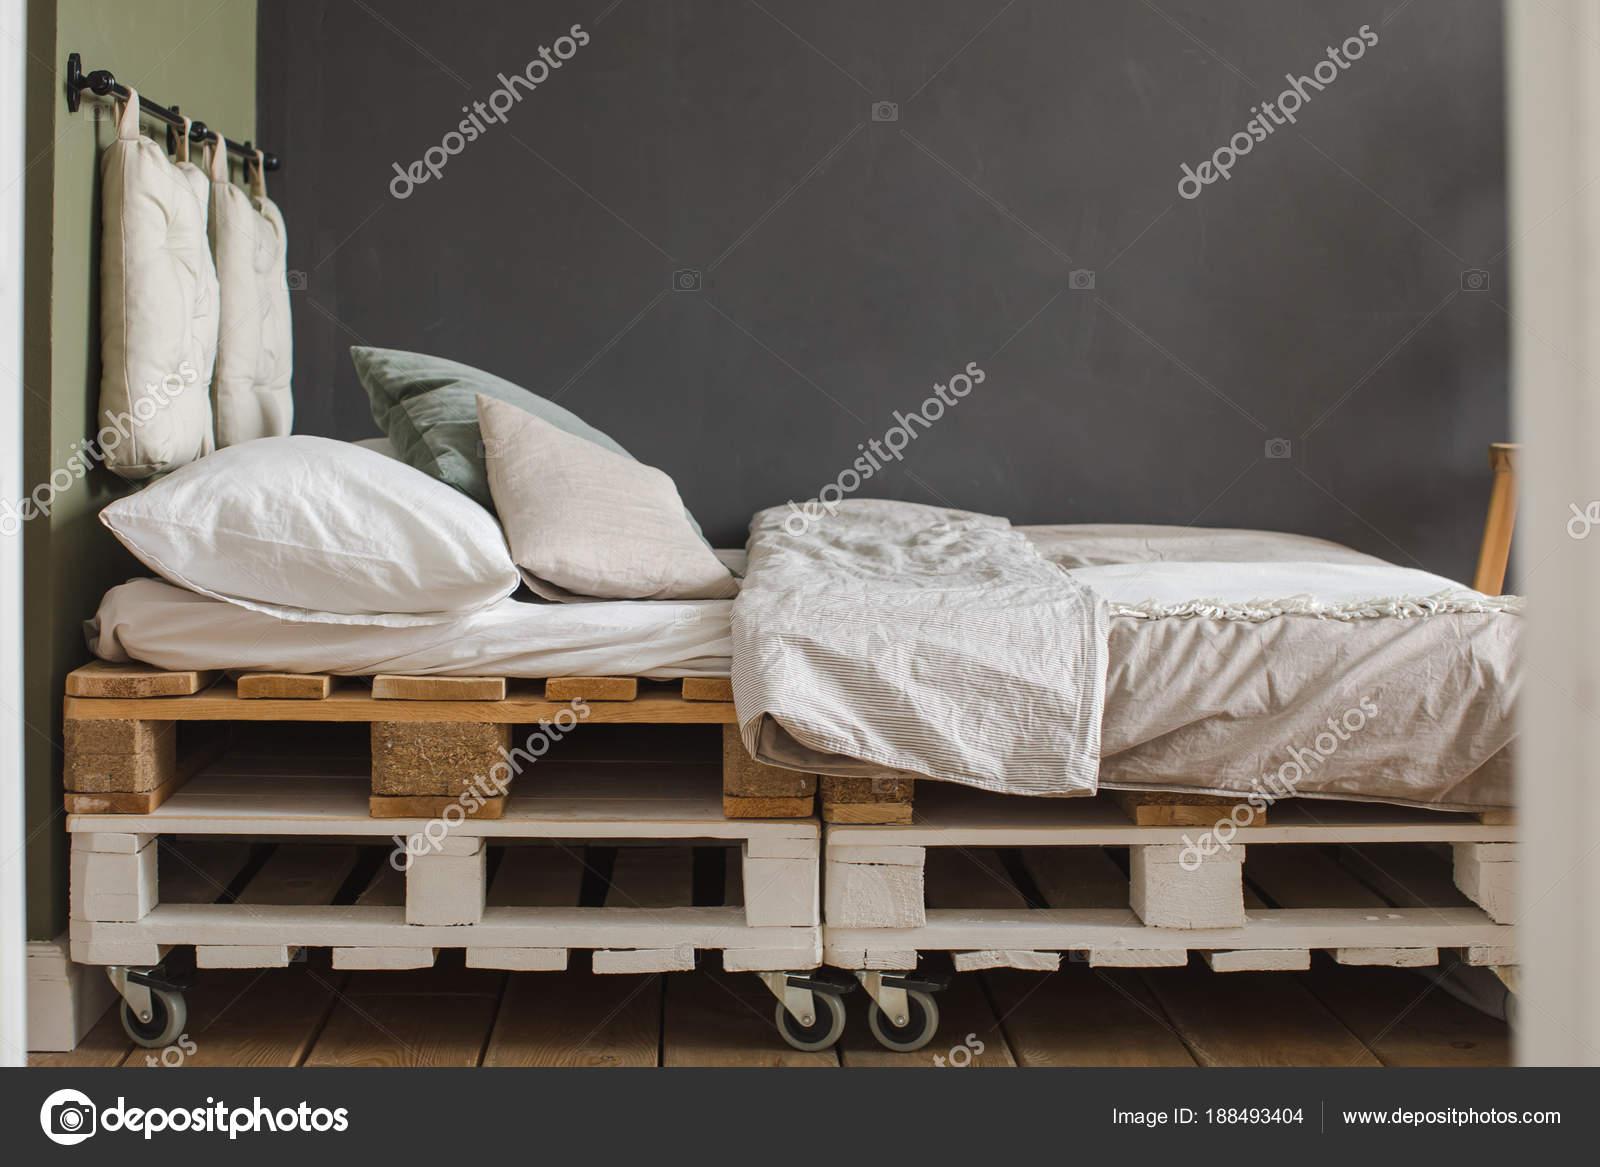 cadre de lit de style industriel chambre palettes recyclees images de stock libres de droits